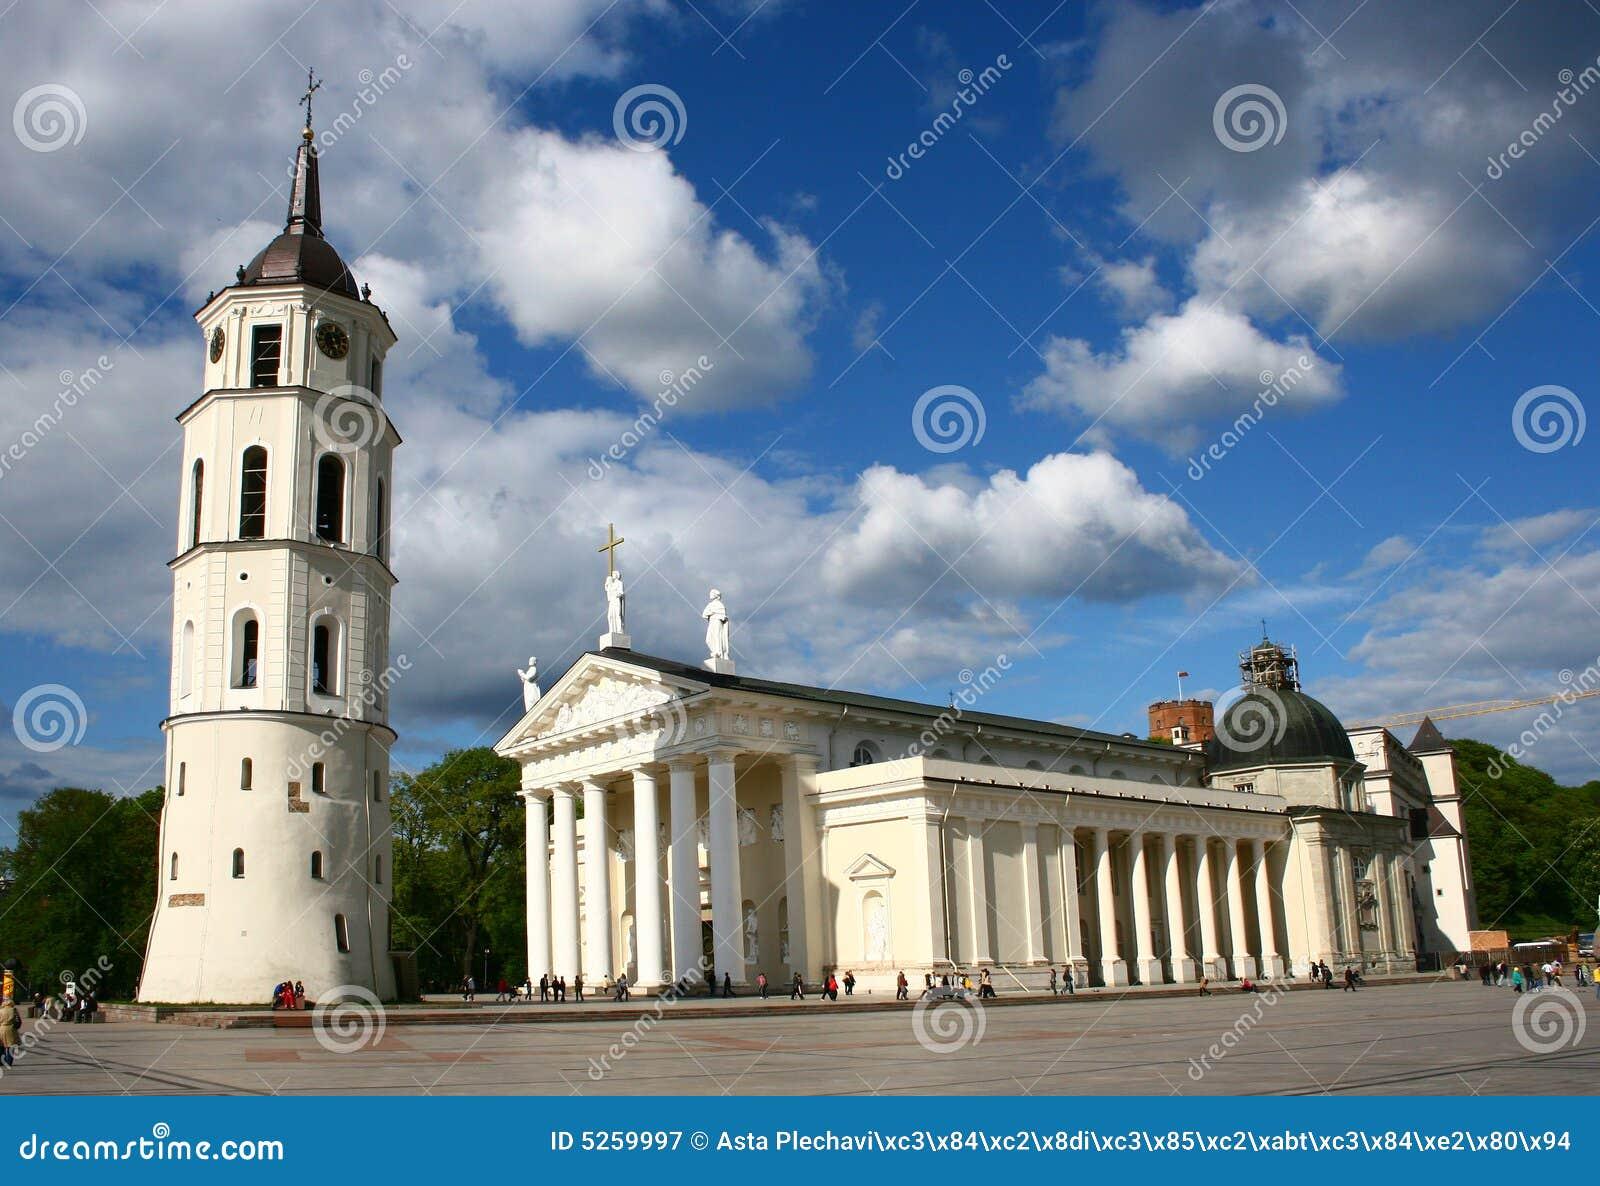 Catedral de Vilnius en Lituania